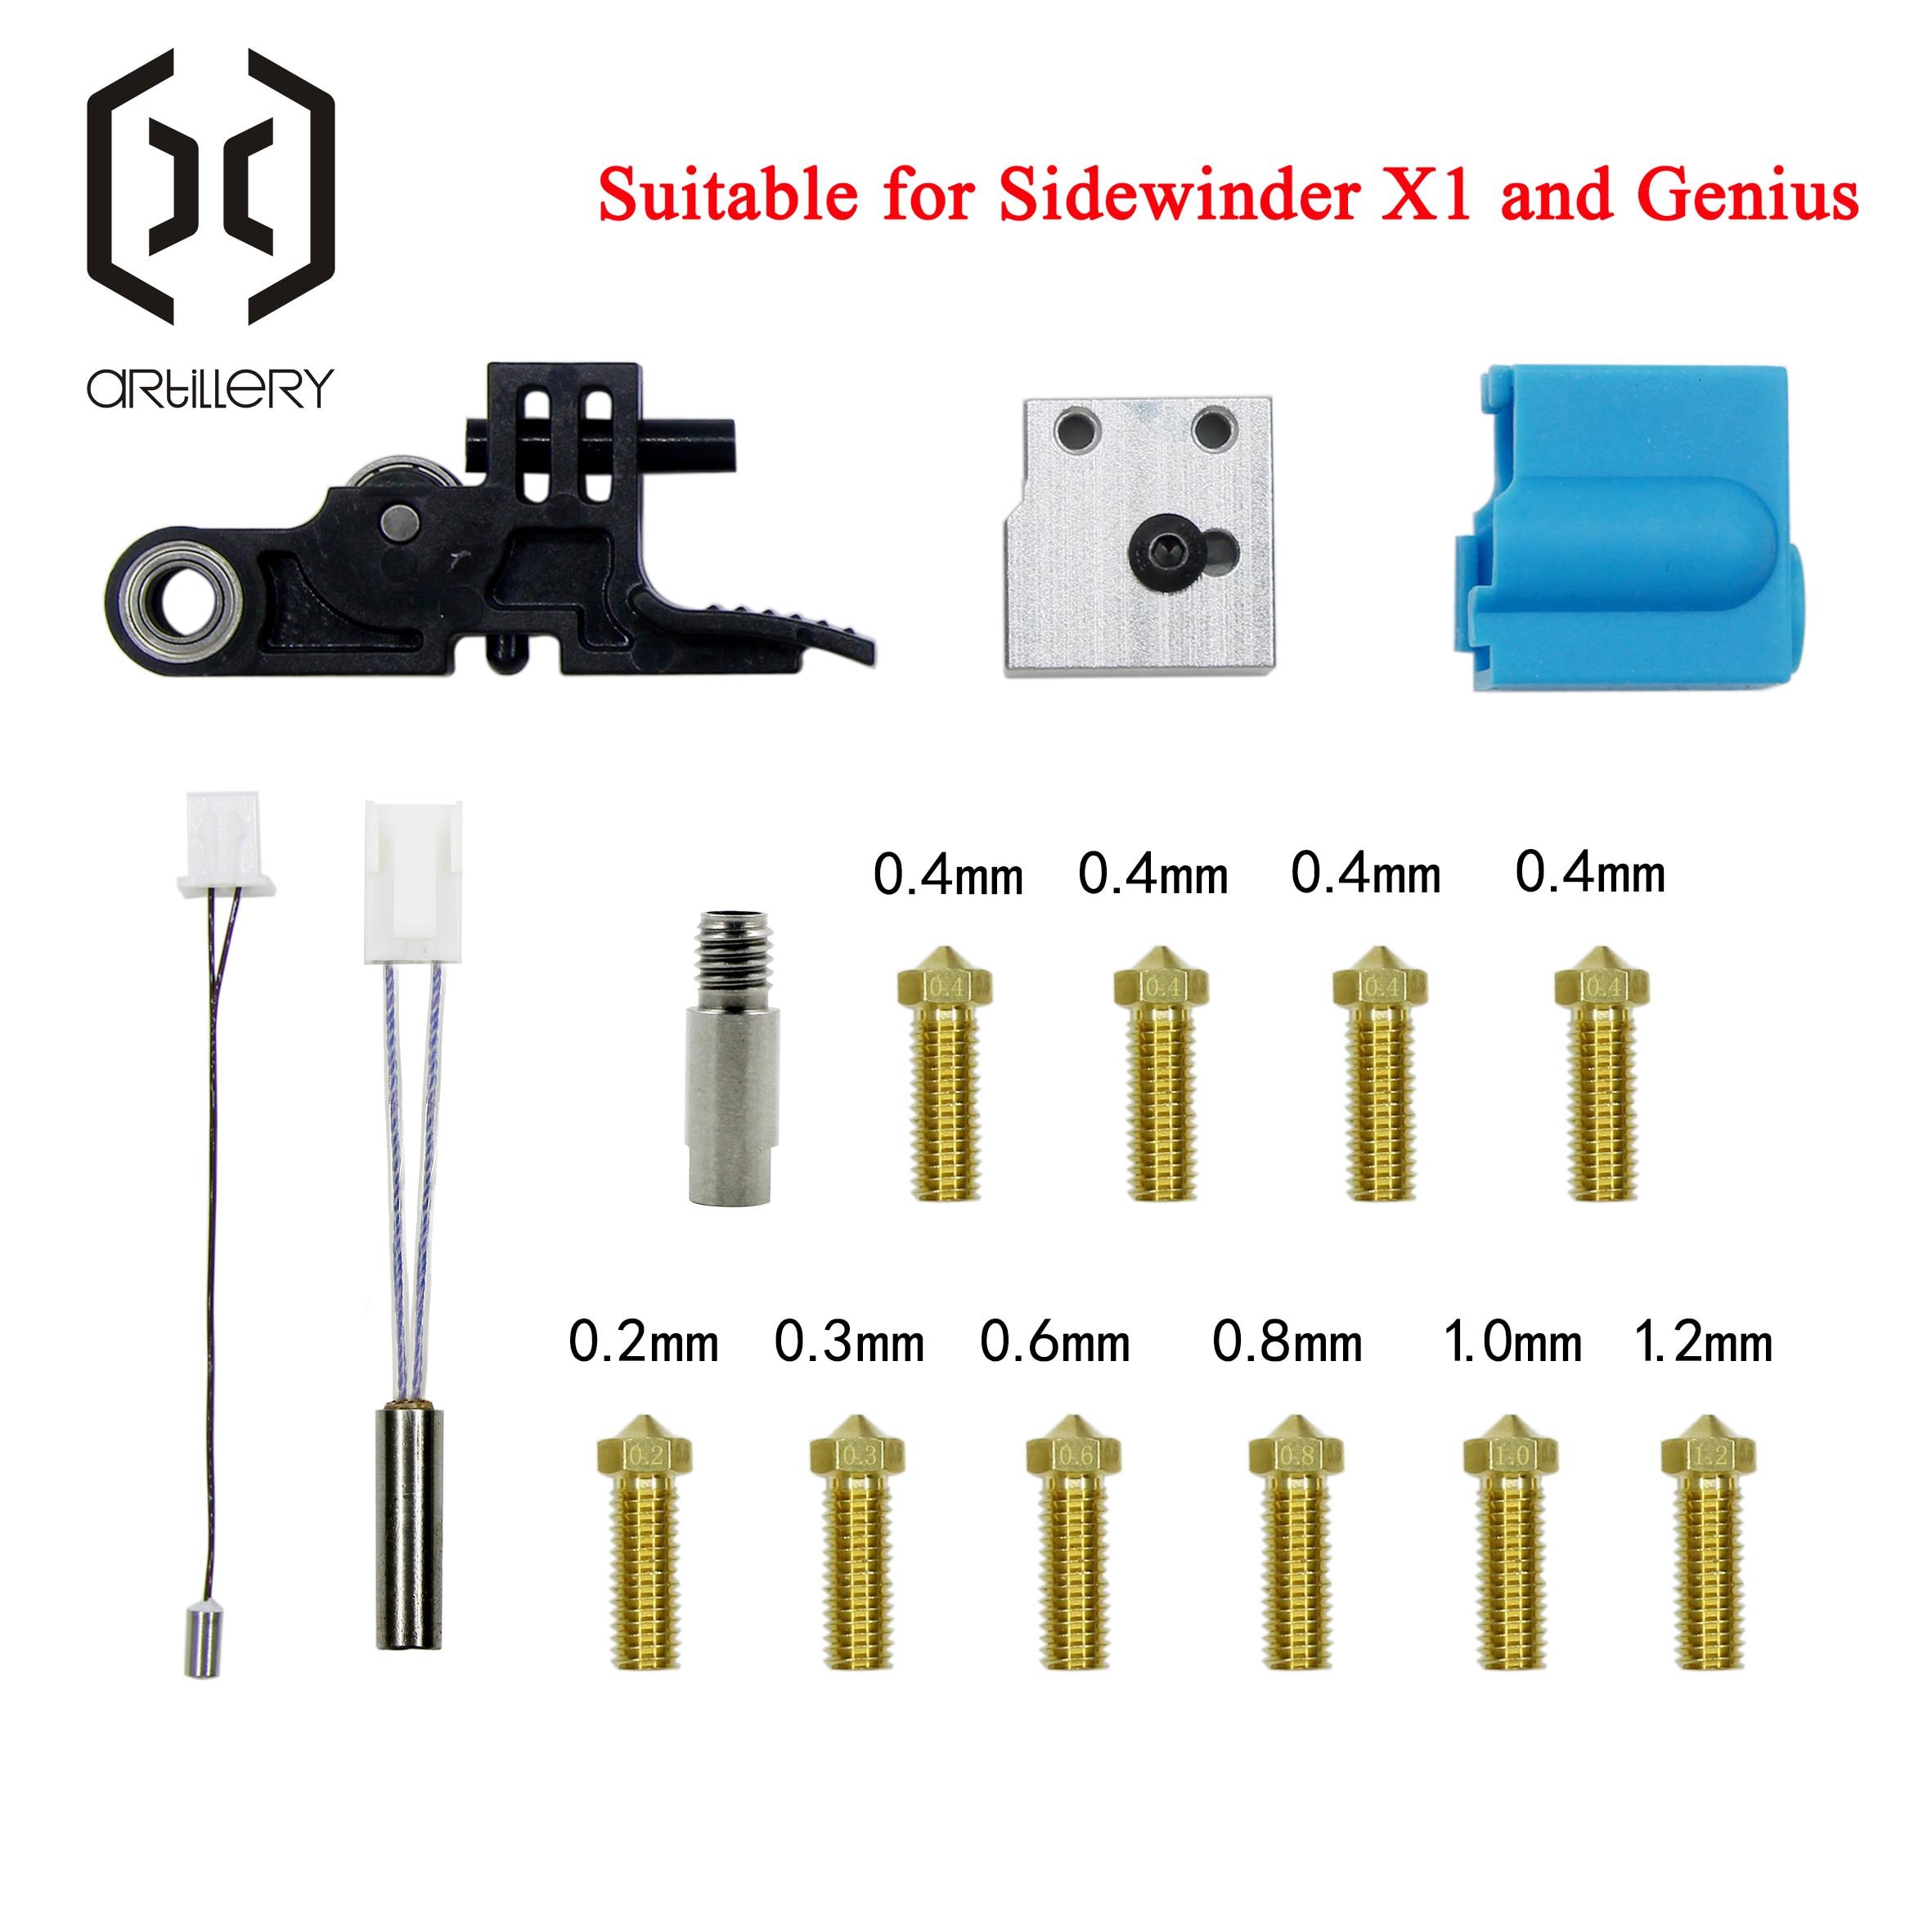 Artillería 3D impresora Sidewinder X1 y Genius boquilla de silicona manga garganta mango termistor tubo calefactor, piezas de calefacción bloque Kit